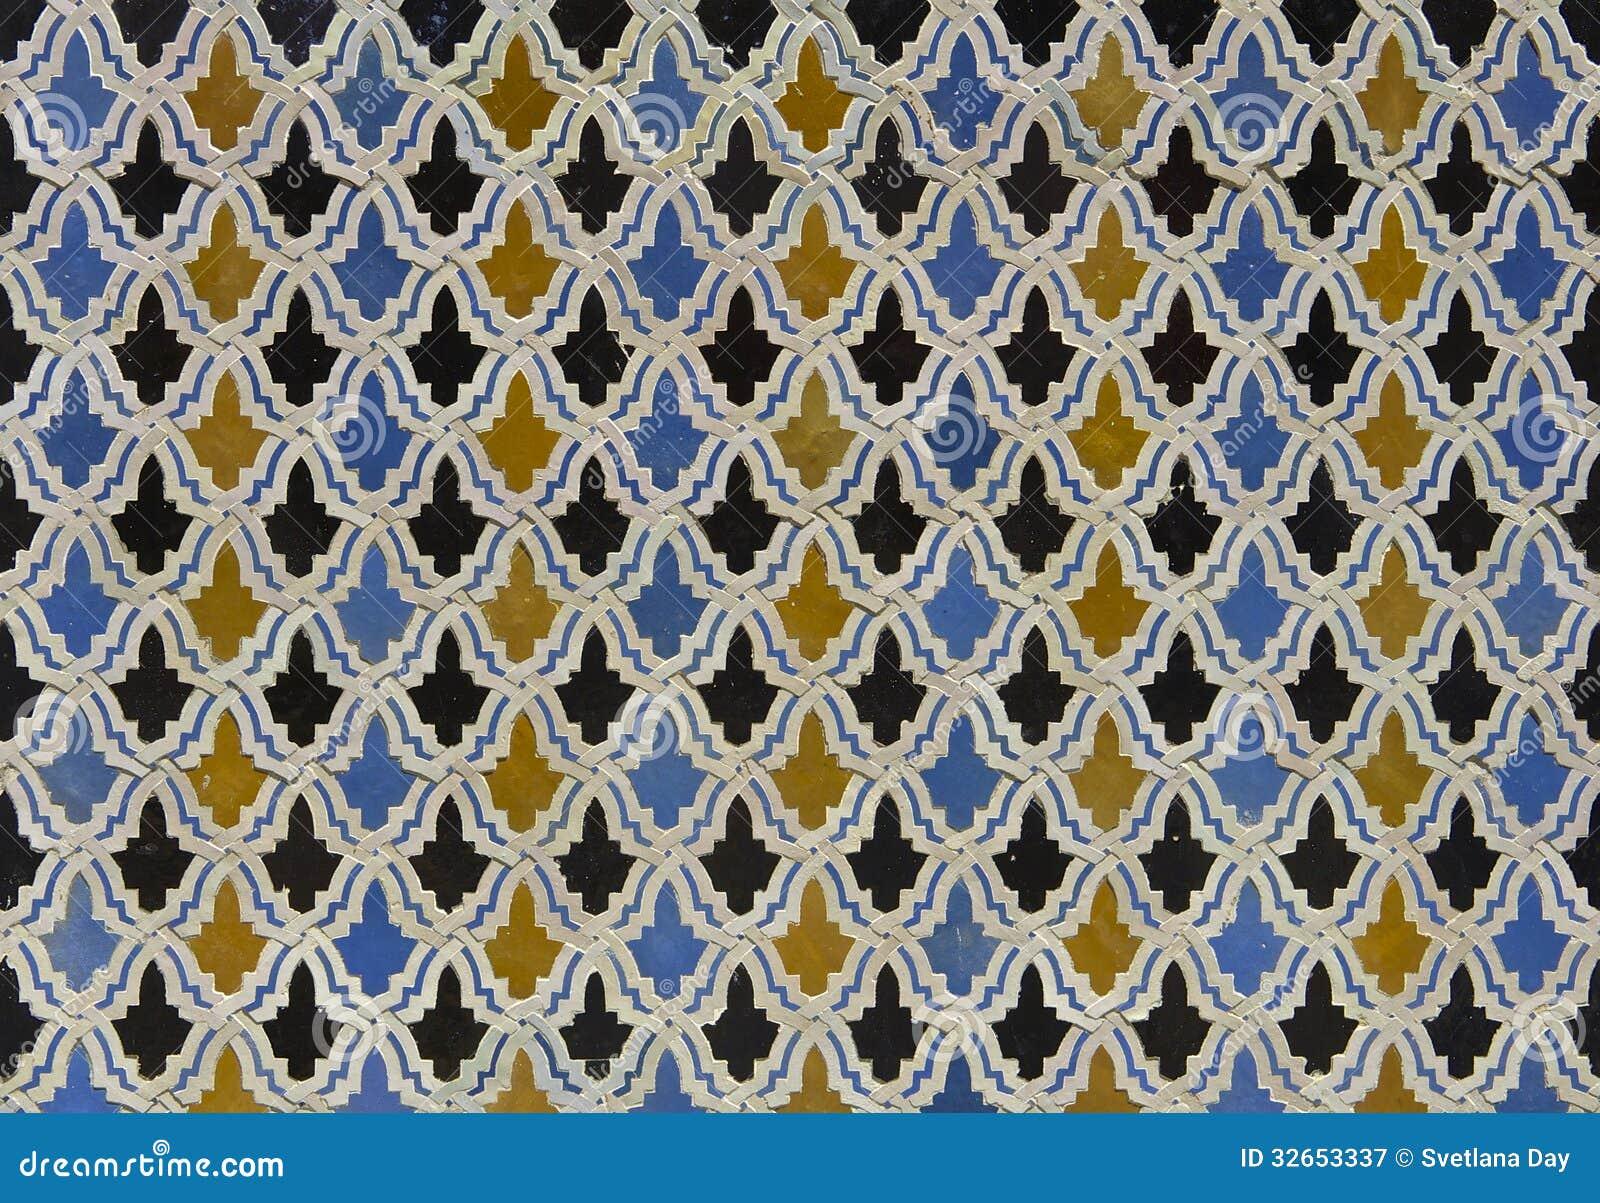 moroccan zellige tile pattern royalty free stock. Black Bedroom Furniture Sets. Home Design Ideas